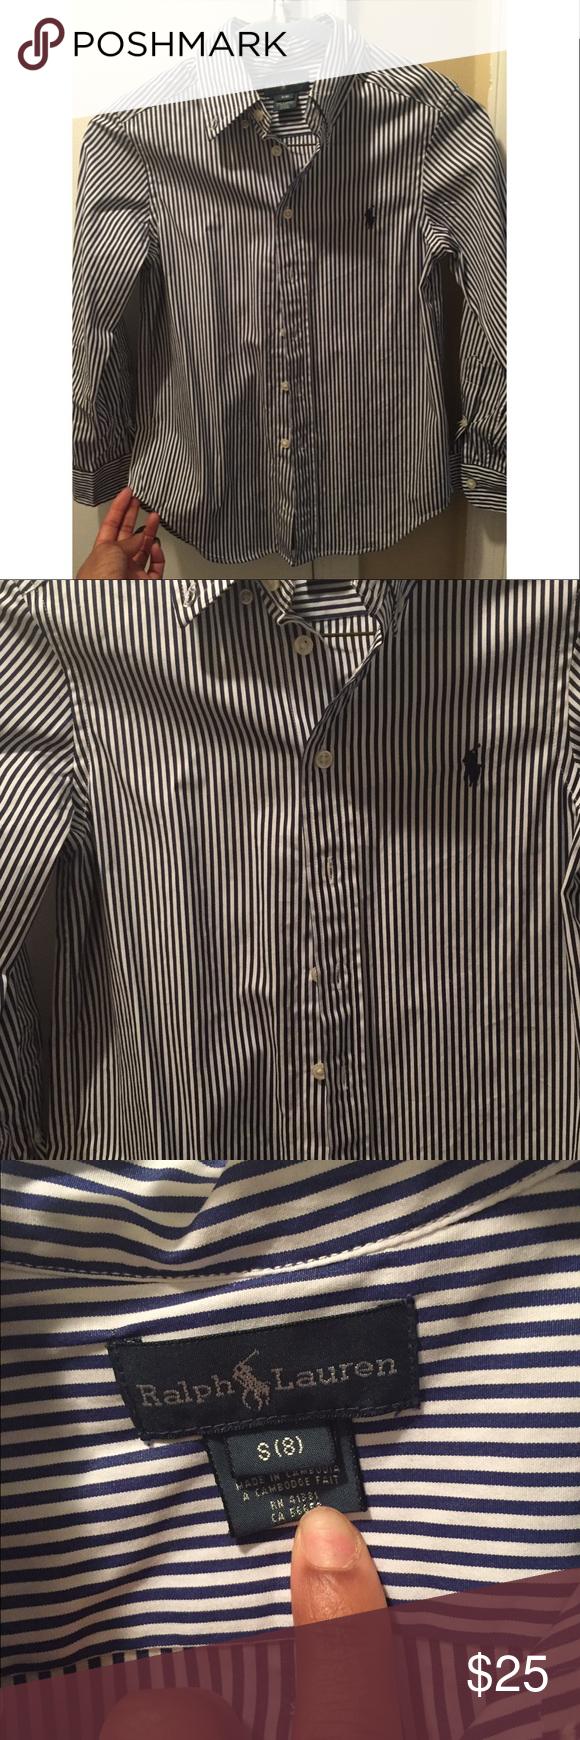 Polo🐎 Ralph Lauren Button Up Causal Shirt NWOT Polo by Ralph Lauren Shirts & Tops Button Down Shirts